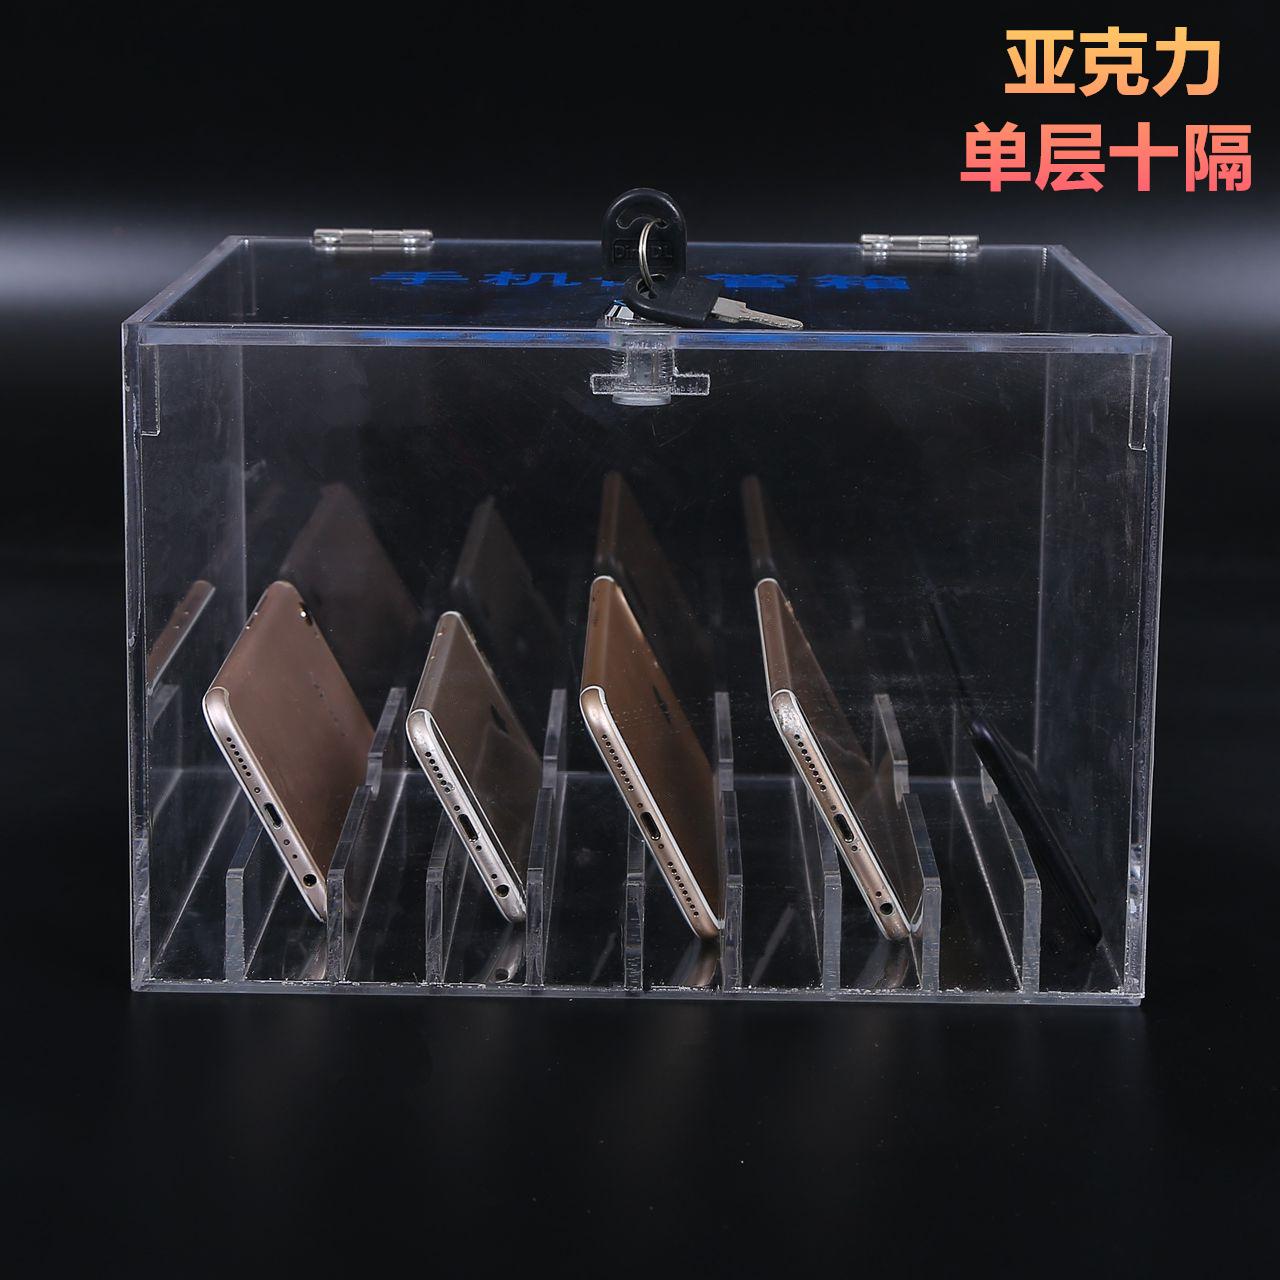 厂家批发亚克力手机存放盒亚克力展示架定做带锁储蓄盒保管箱定制